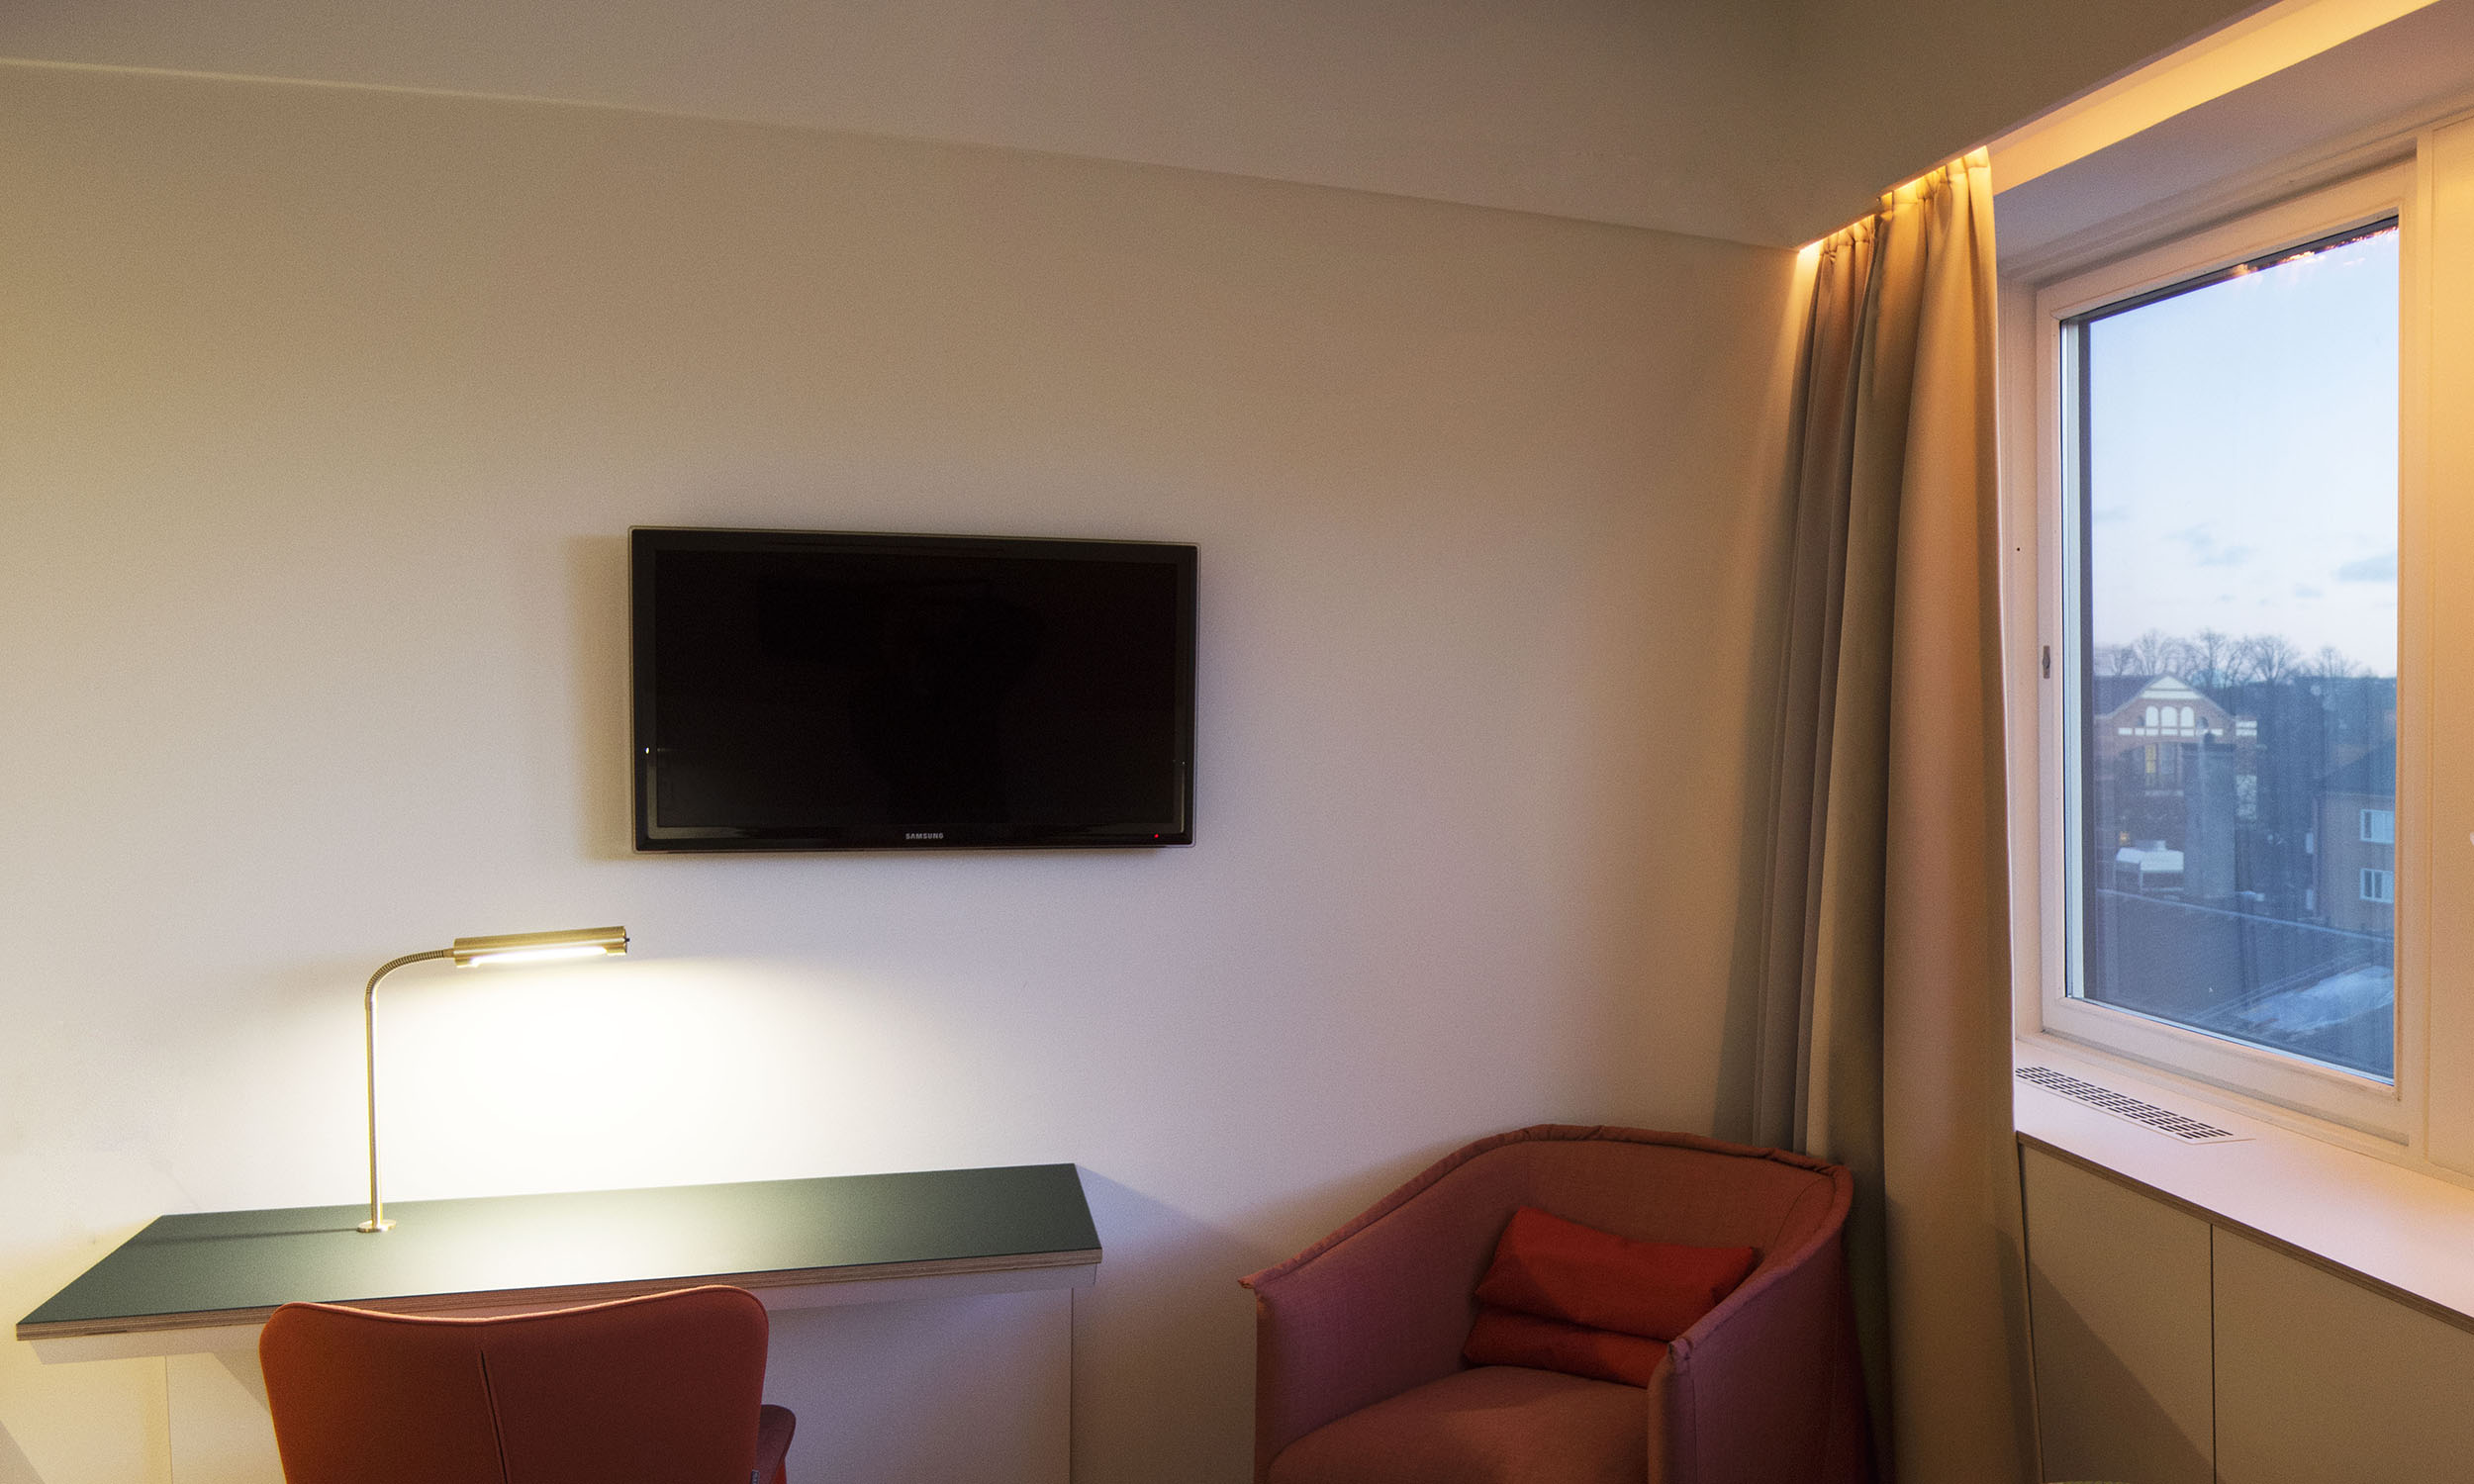 Stockholm_Kungsholmen_First_Hotel_Fridhe